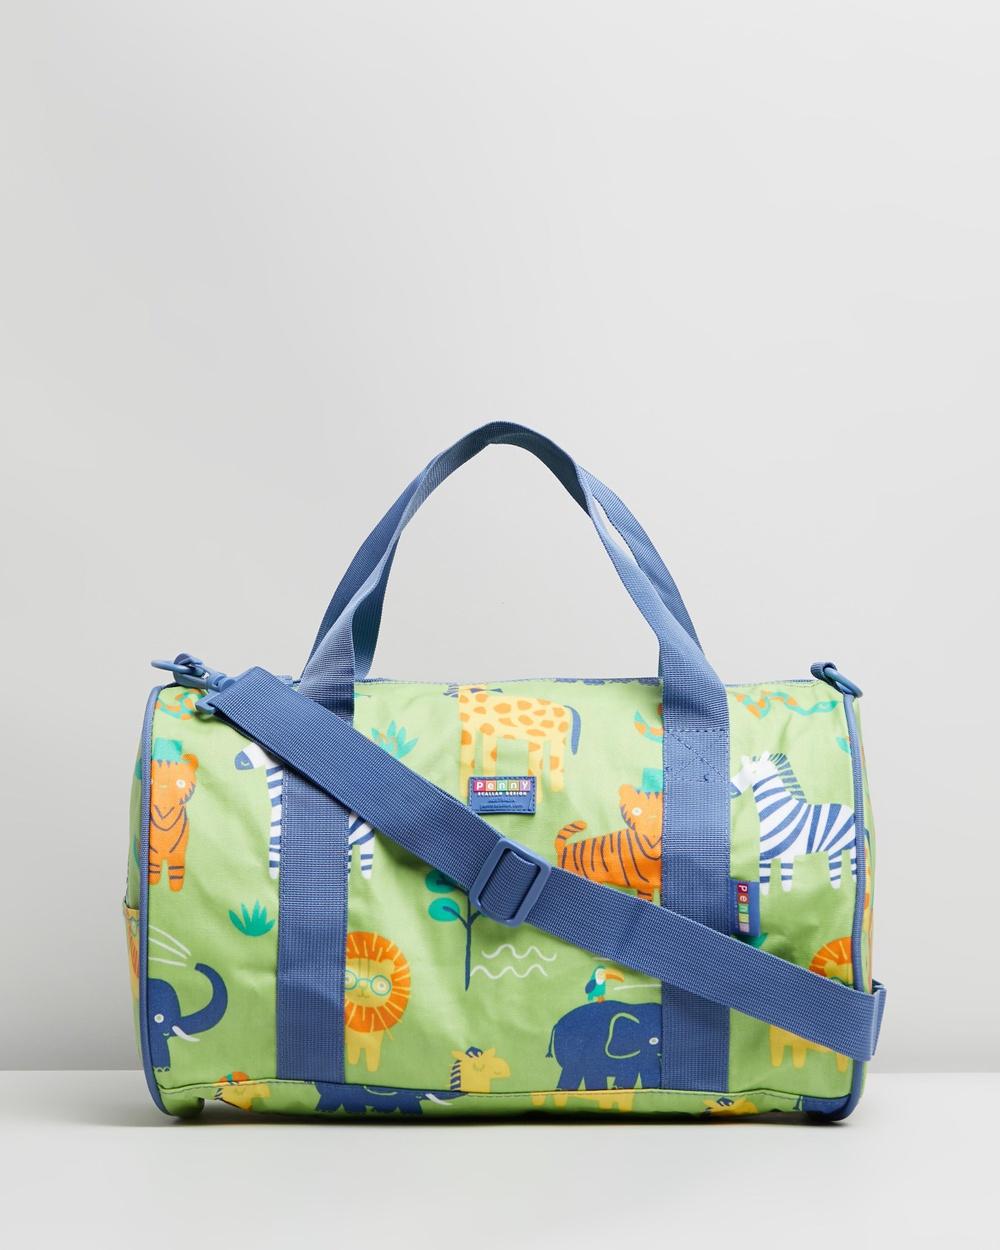 Penny Scallan Duffel Bag Kids Duffle Bags Wild Thing